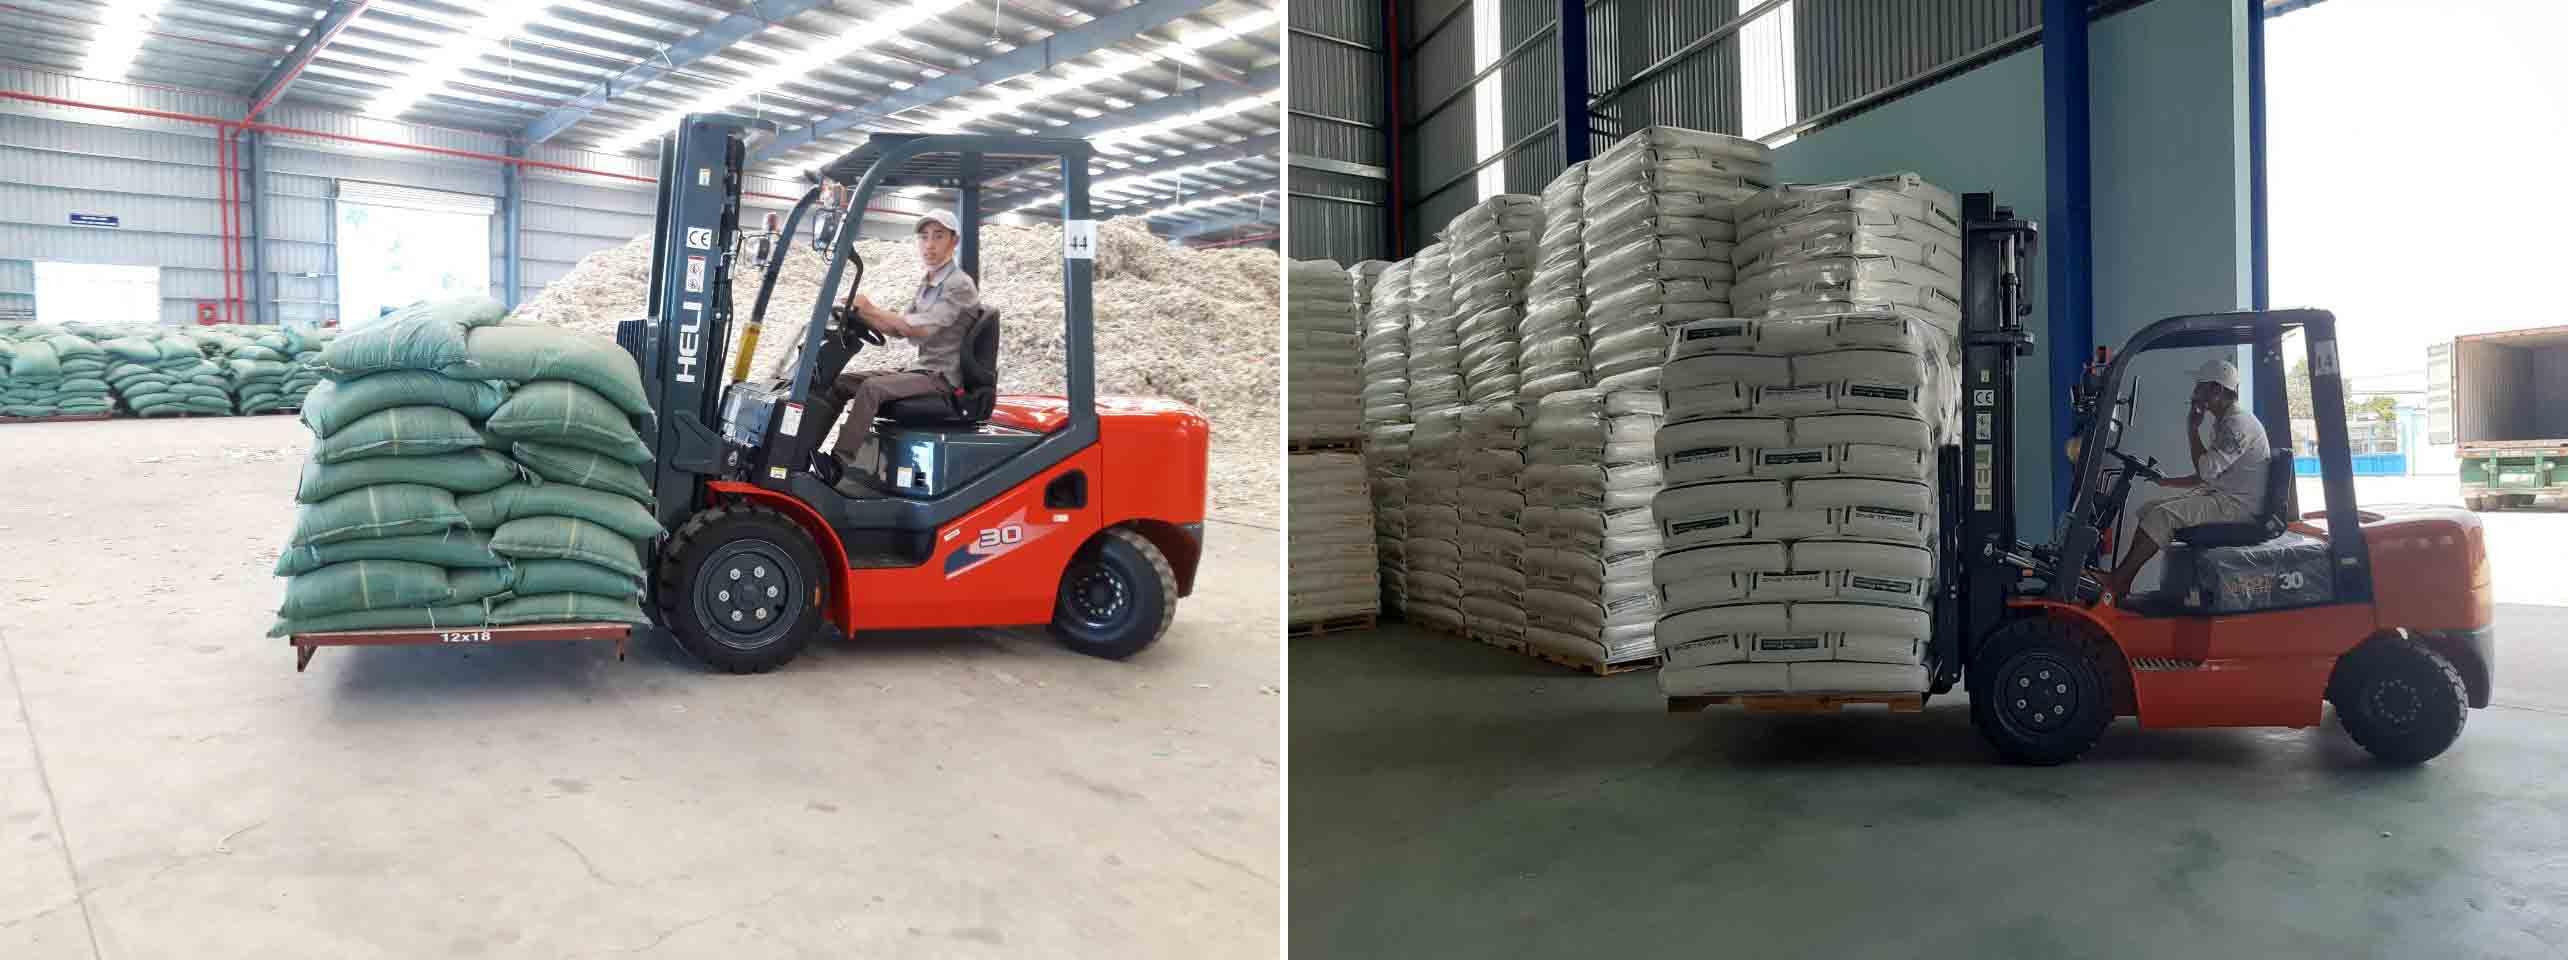 Xe nâng Heli tại nhà máy sản xuất bột gỗ